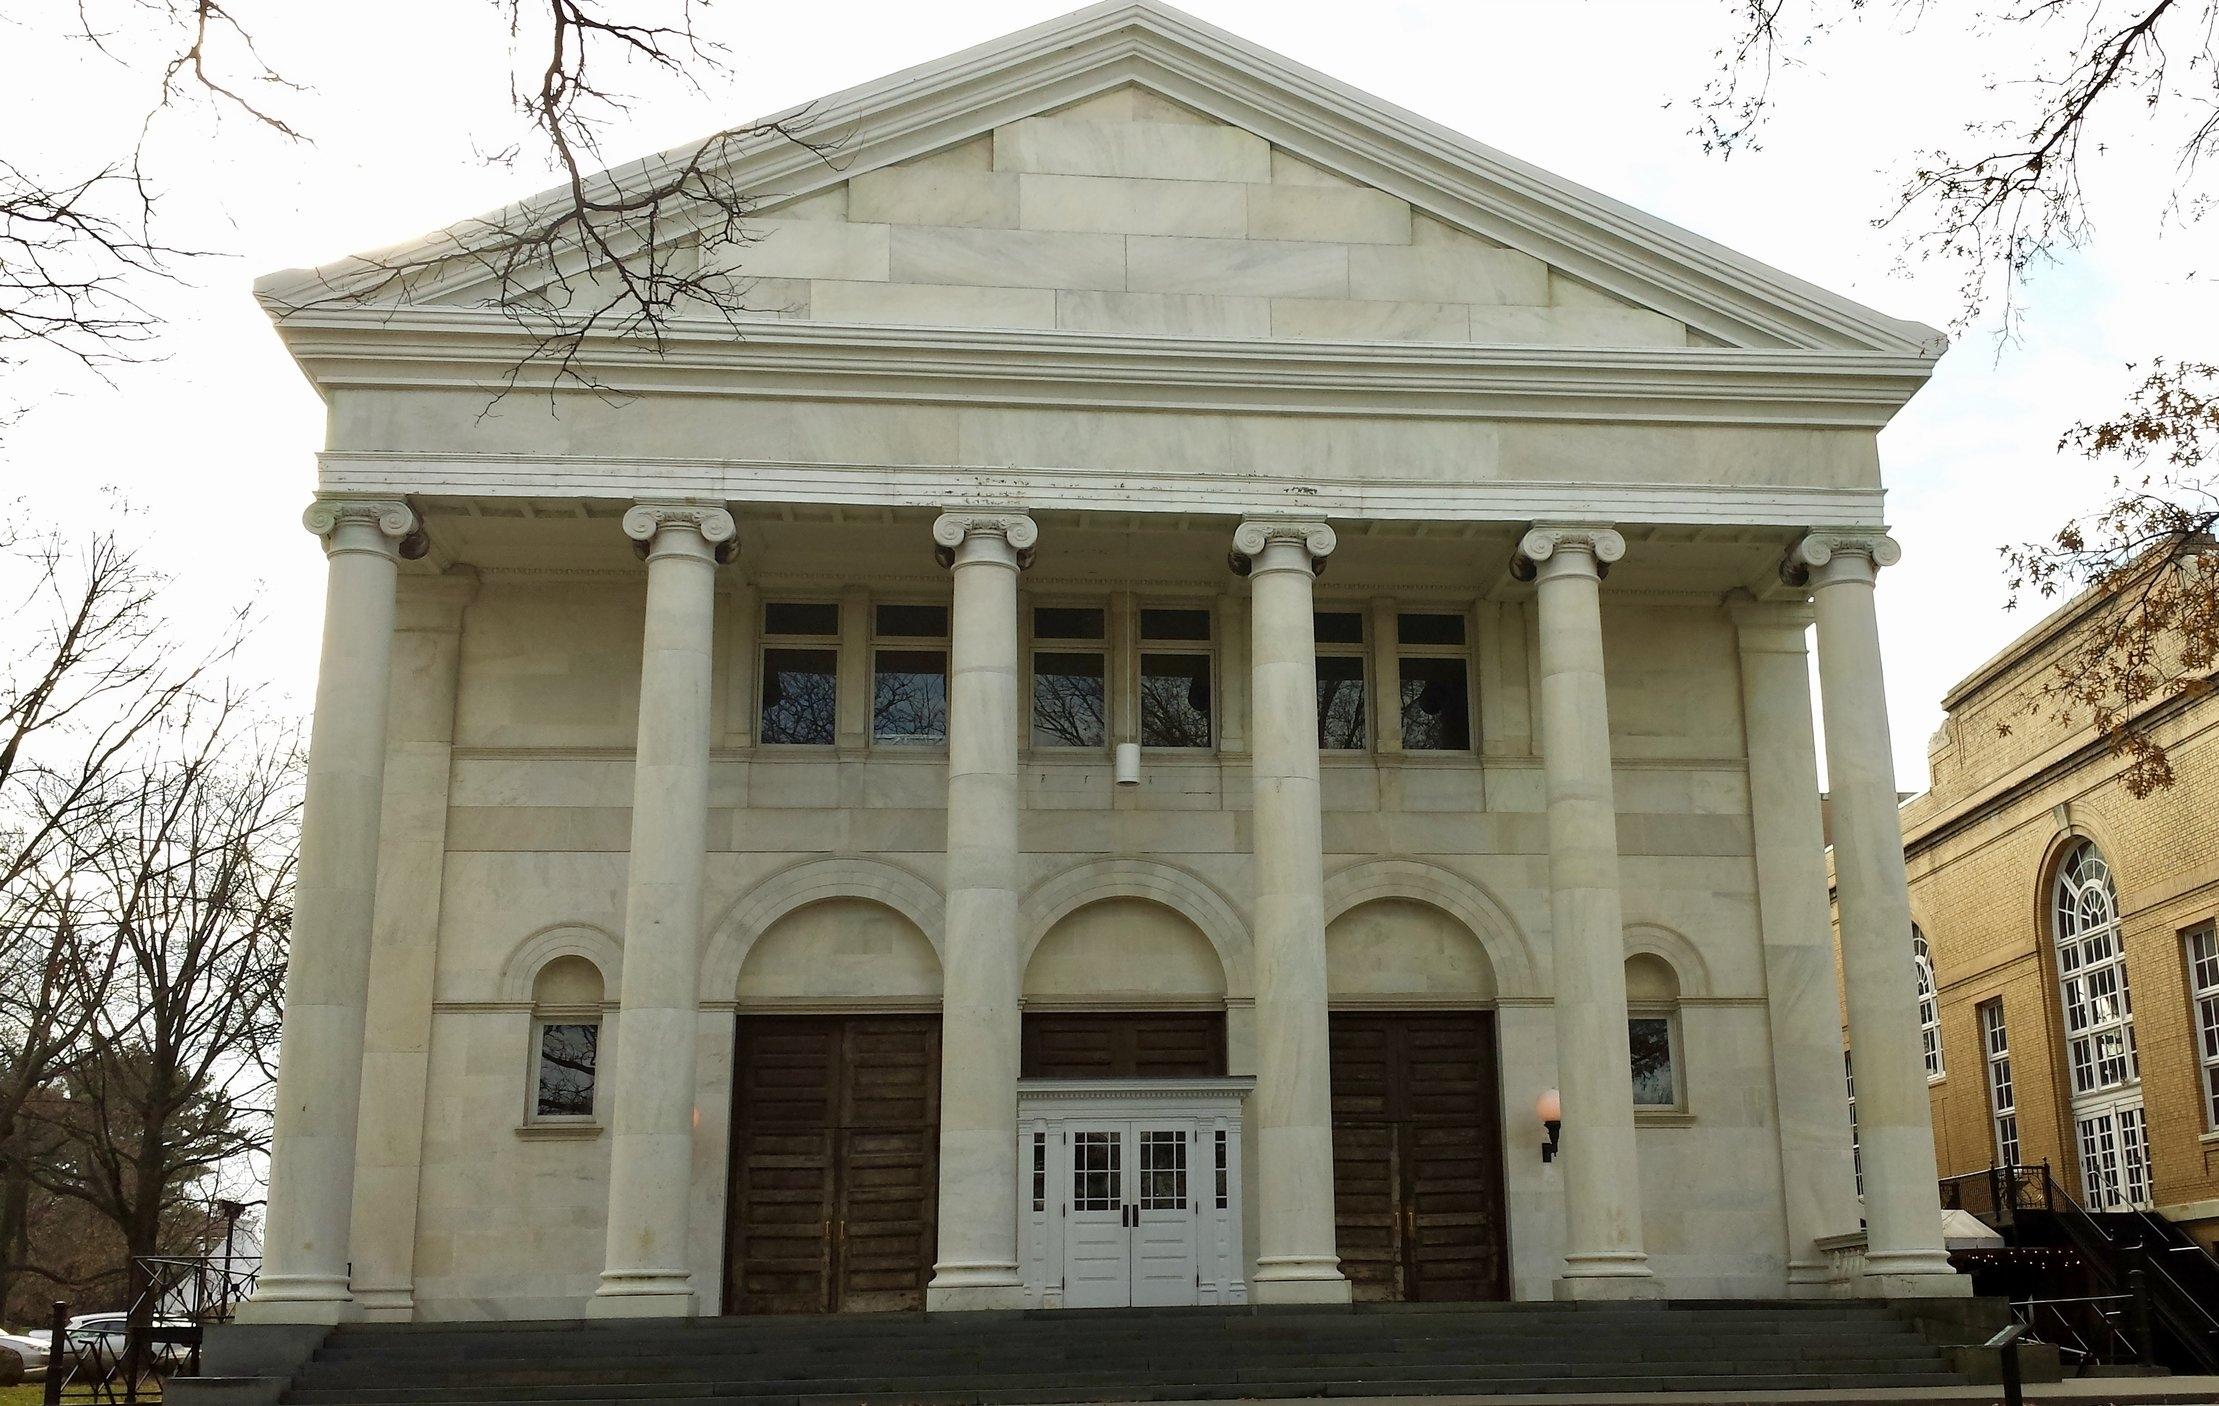 Snug Harbor Music Hall